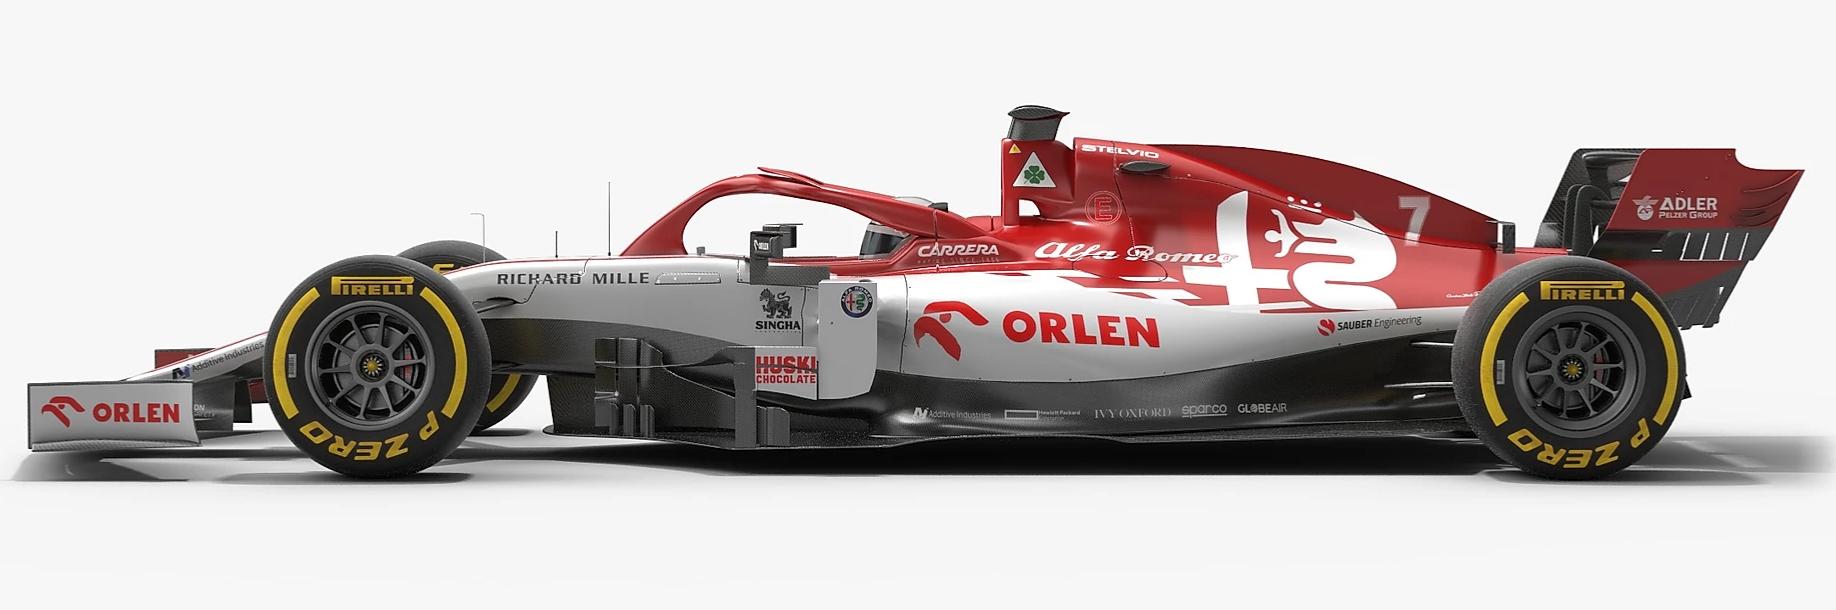 Alfa Romeo C39 car F1 2020 season